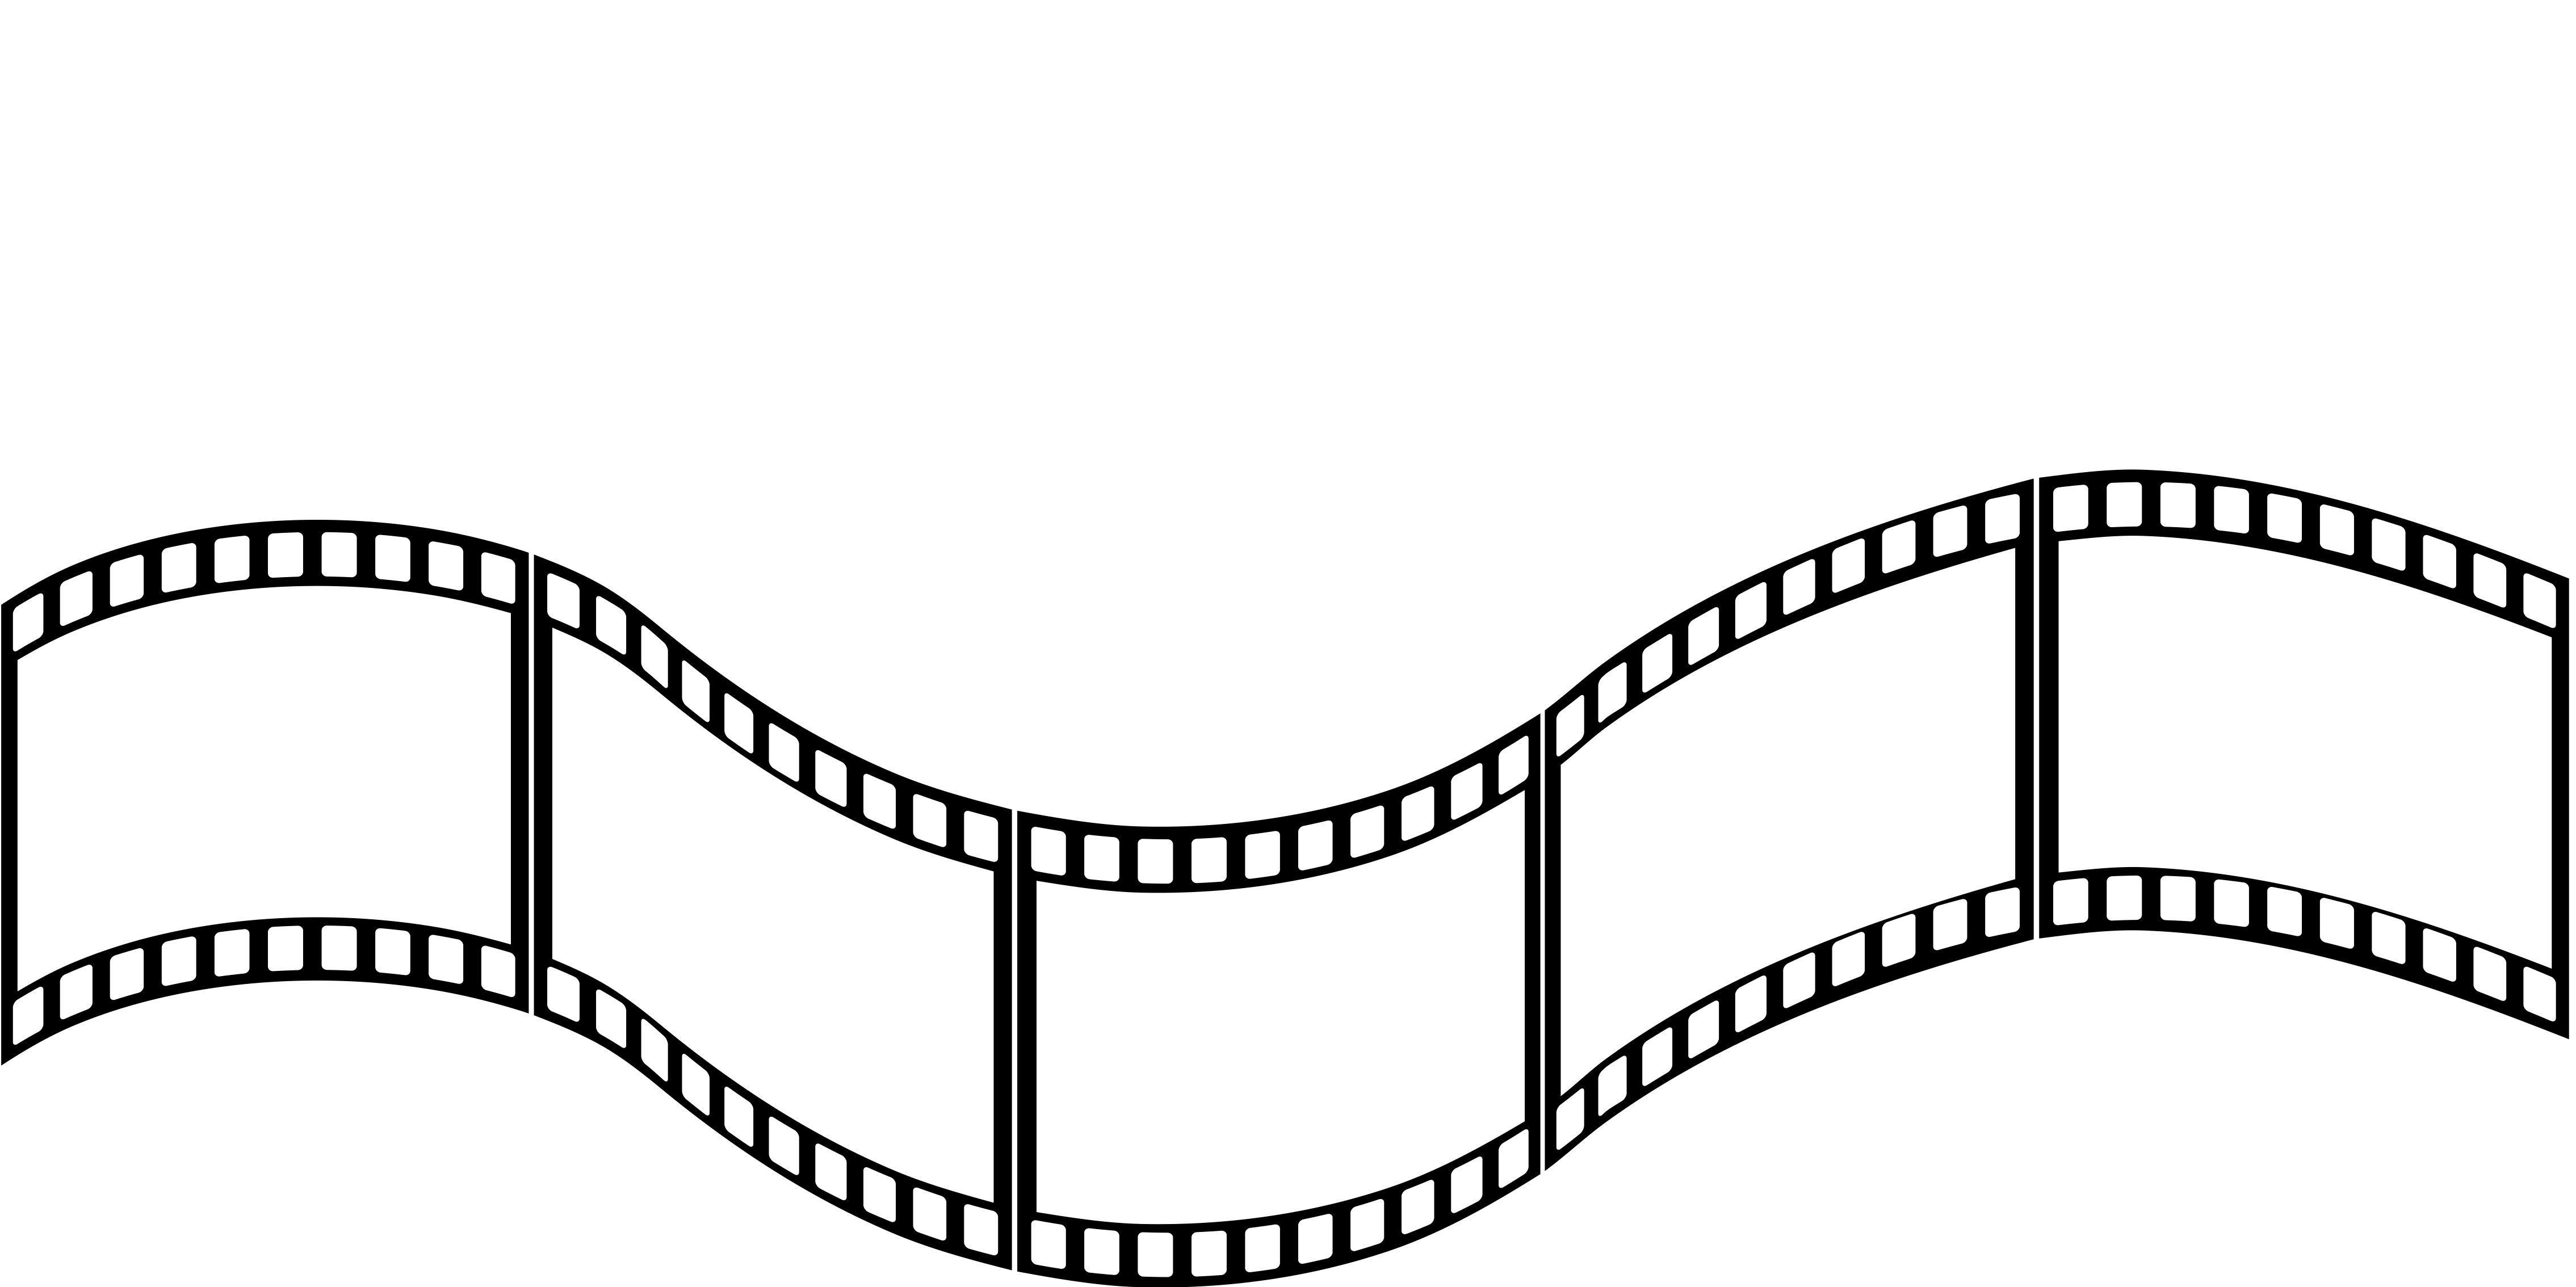 Film real clipart 2 » Clipart Portal.